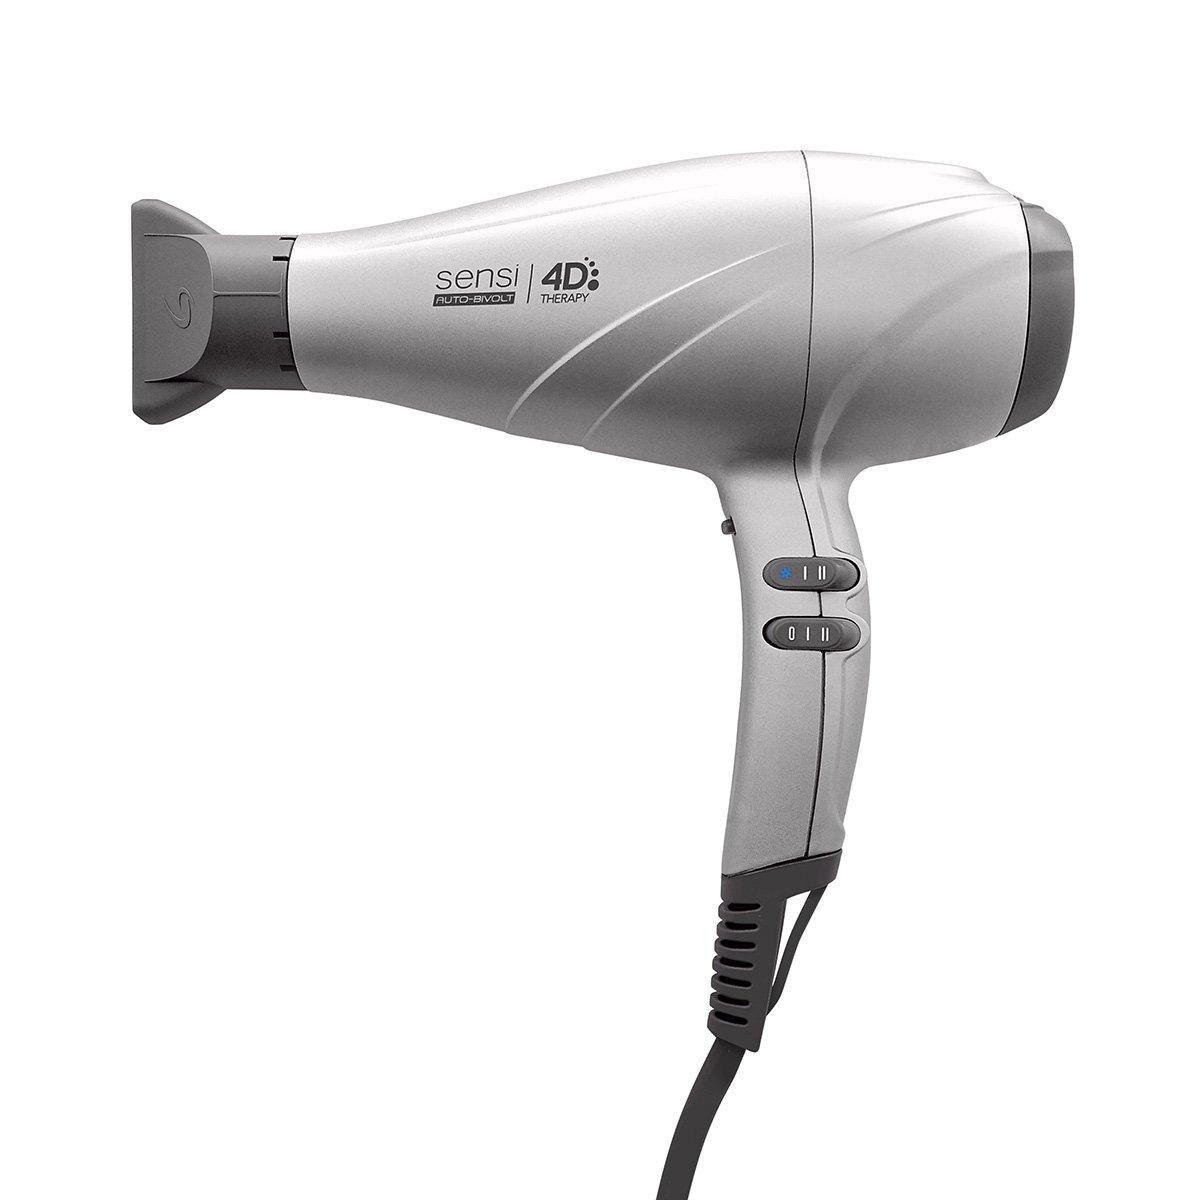 Secador de cabelo profissional gama sensi 4d therapy 2500w moon - bivolt - Ga.Ma